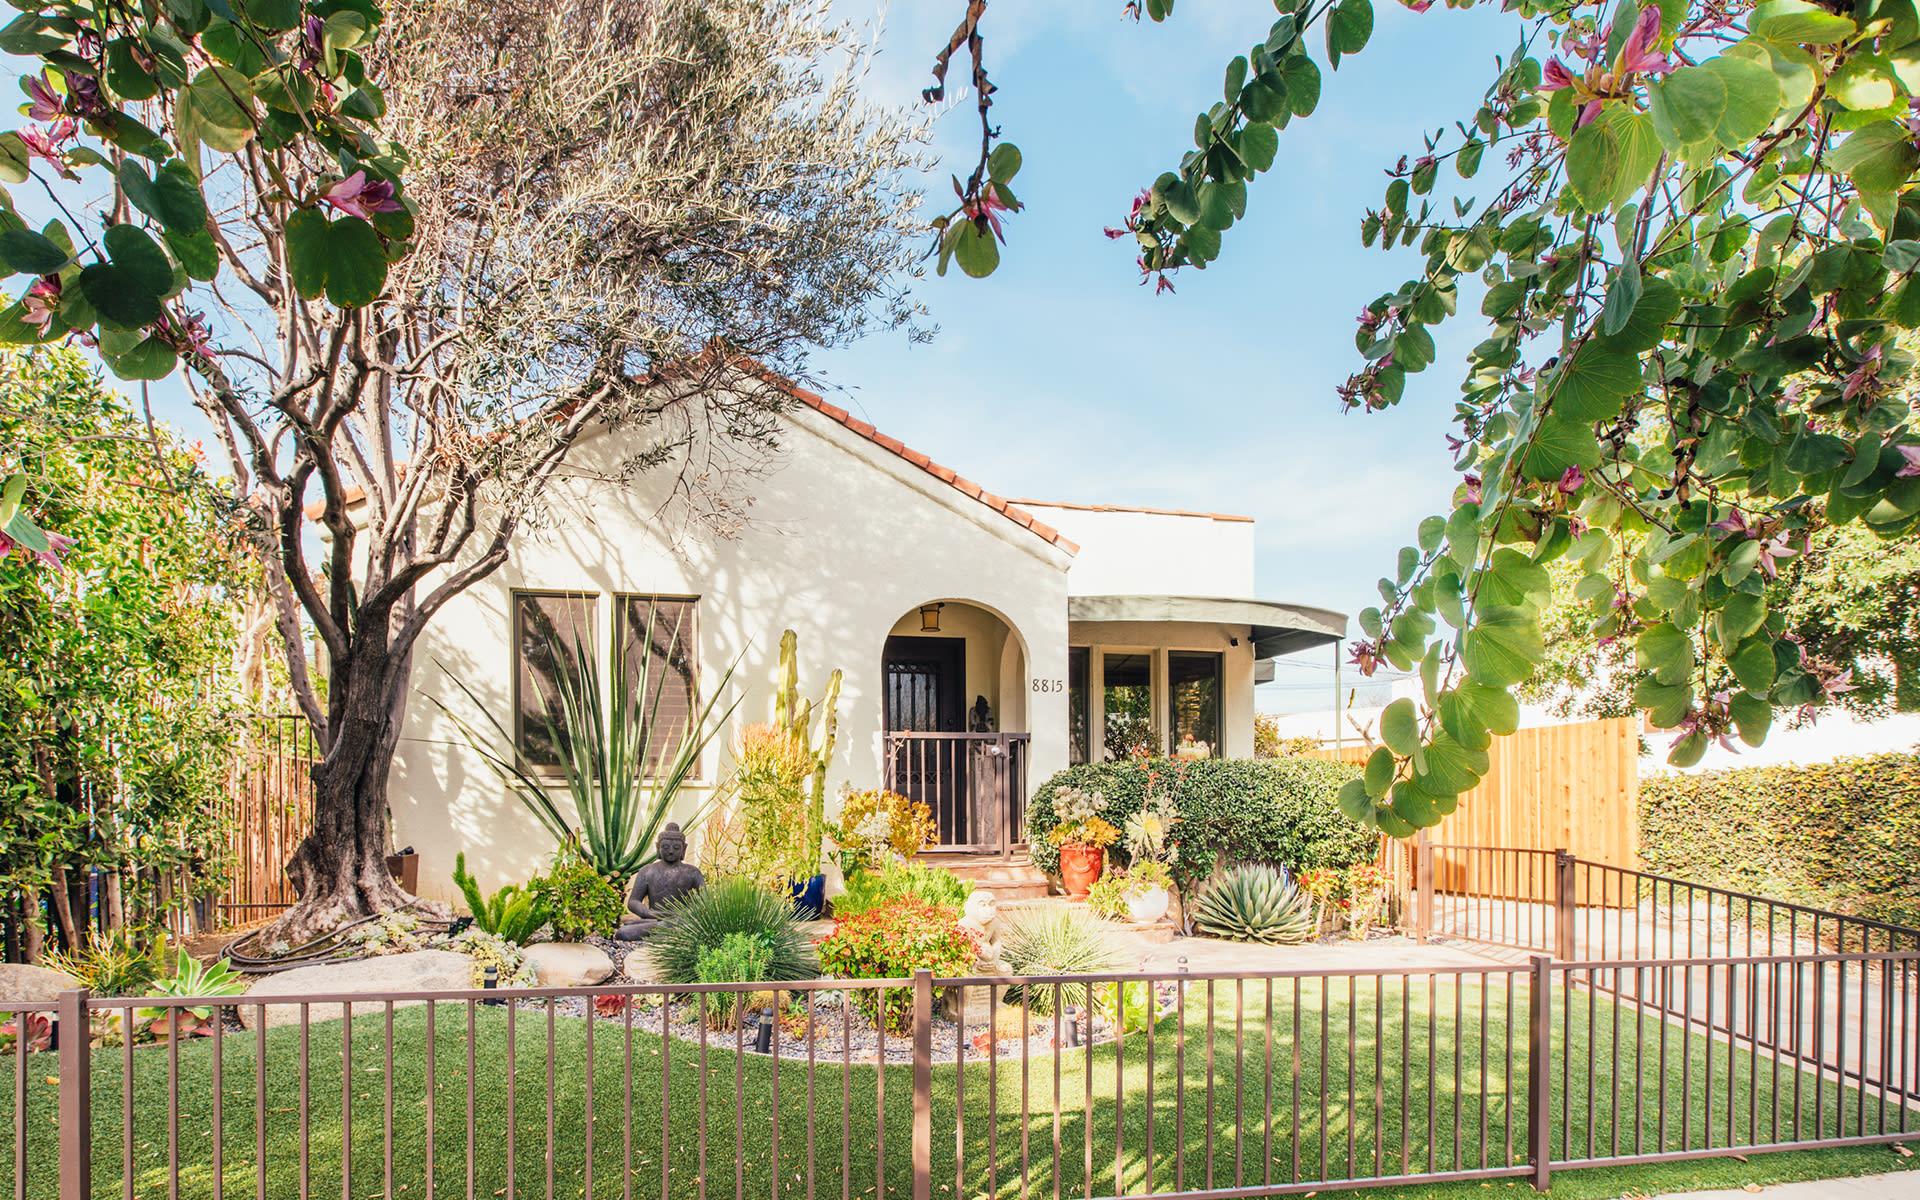 Einfamilienhaus für Verkauf beim 8815 Rosewood Ave 8815 Rosewood Ave West Hollywood, Kalifornien,90048 Vereinigte Staaten